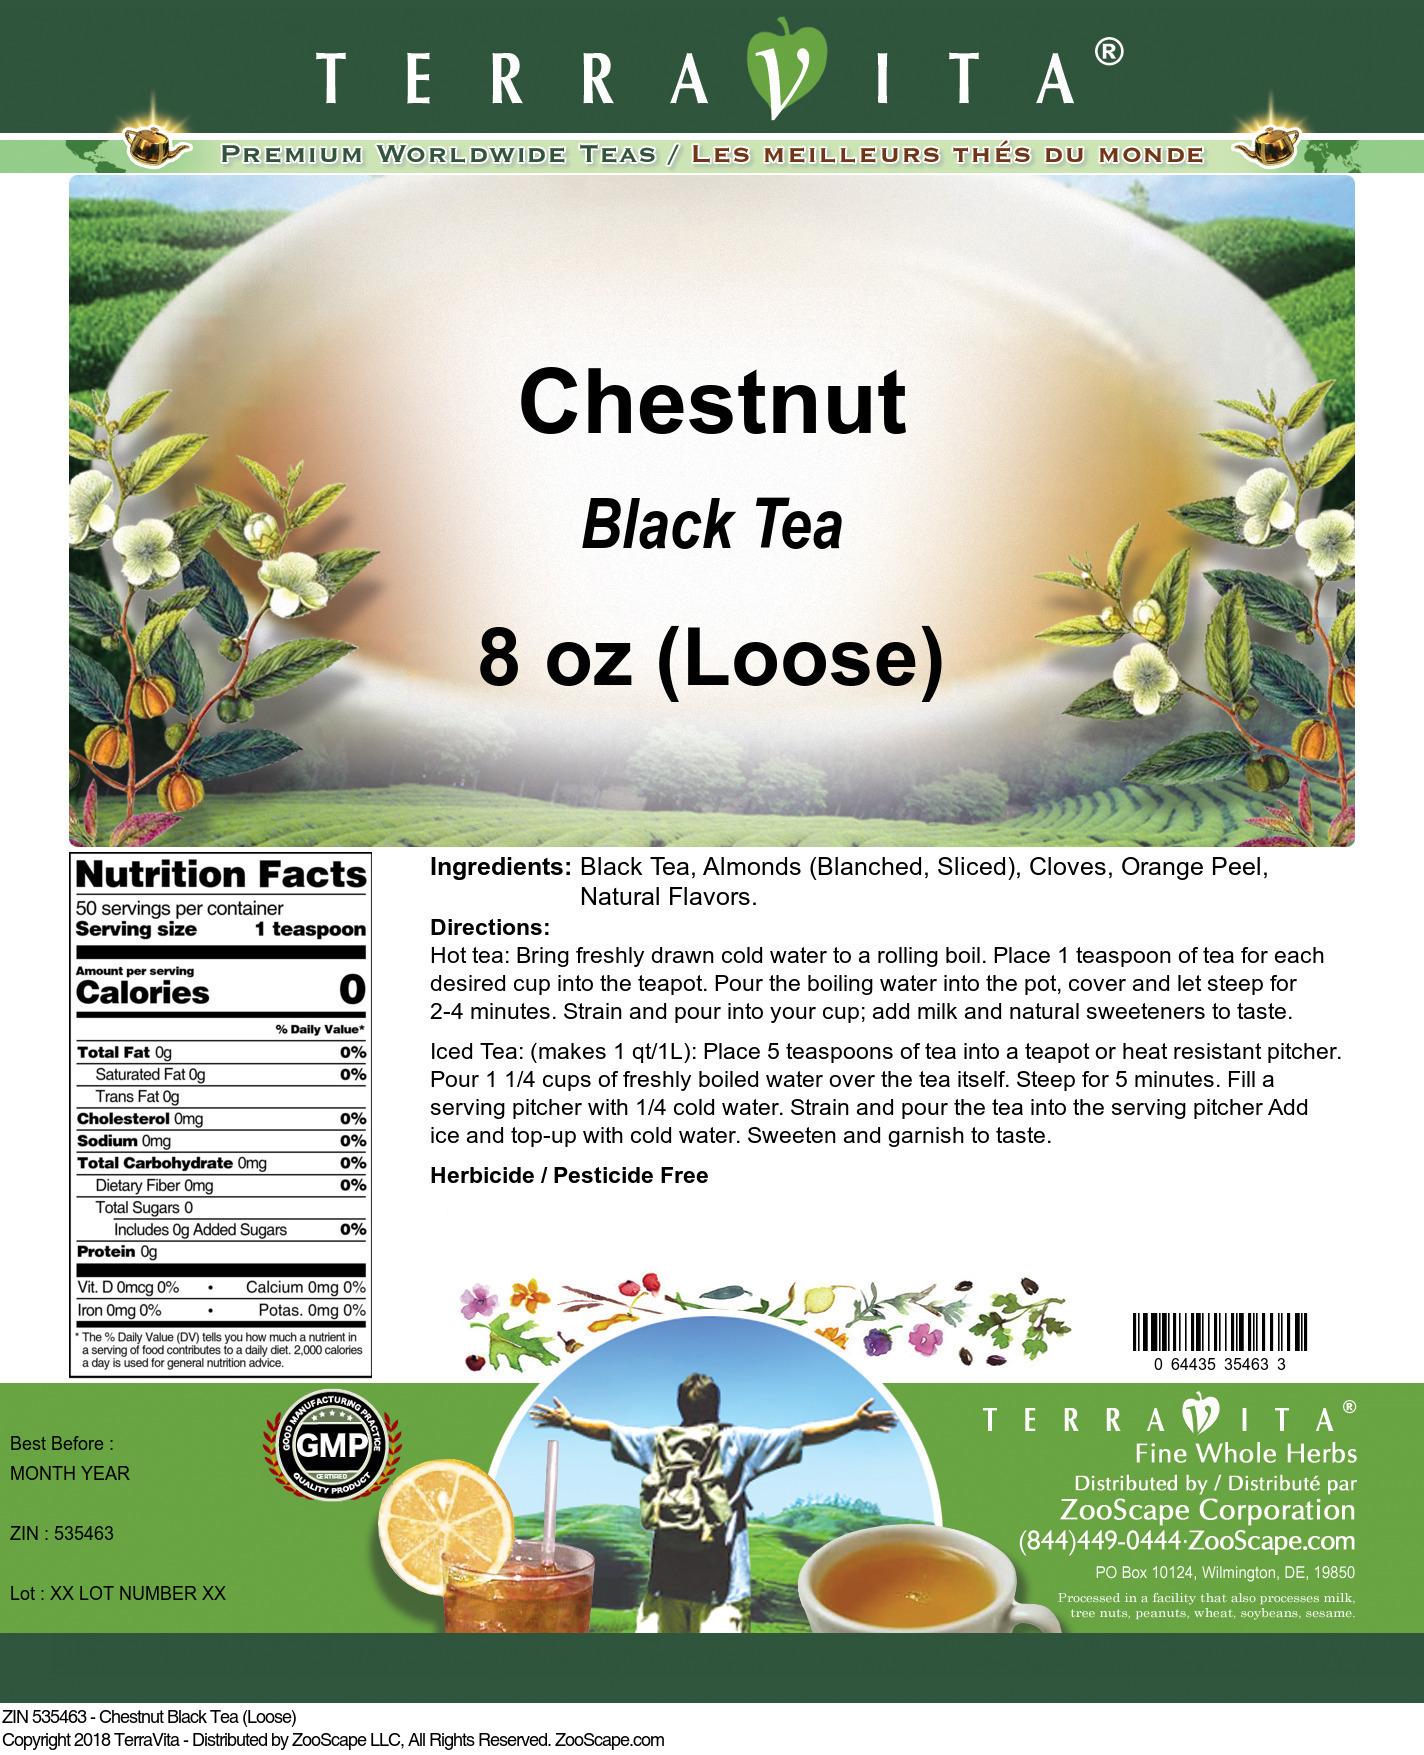 Chestnut Black Tea (Loose)